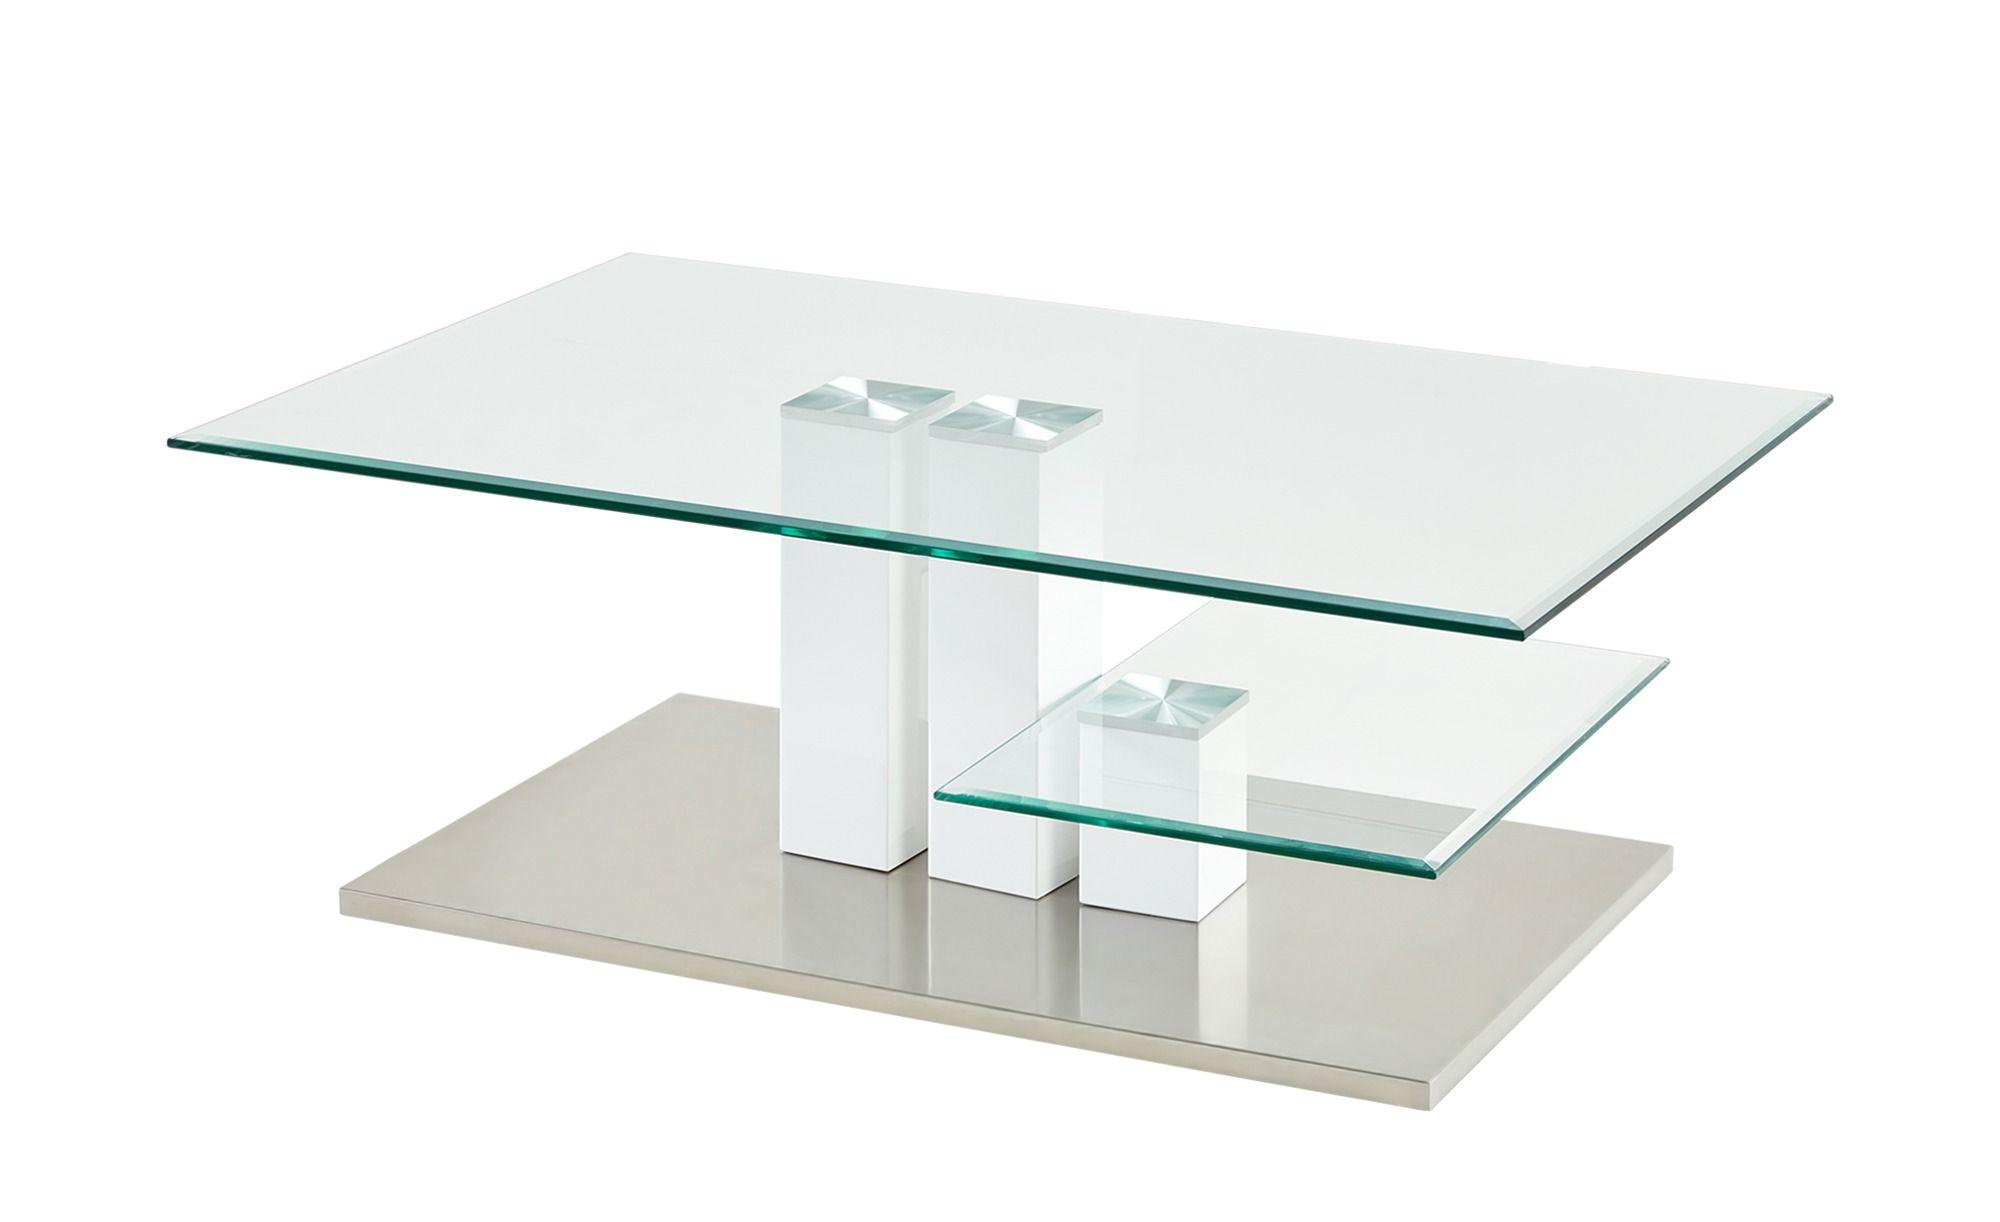 Couchtisch Monserrat Gefunden Bei Mobel Hoffner In 2020 Couchtisch Weiss Glas Couchtisch Couchtisch 80x80